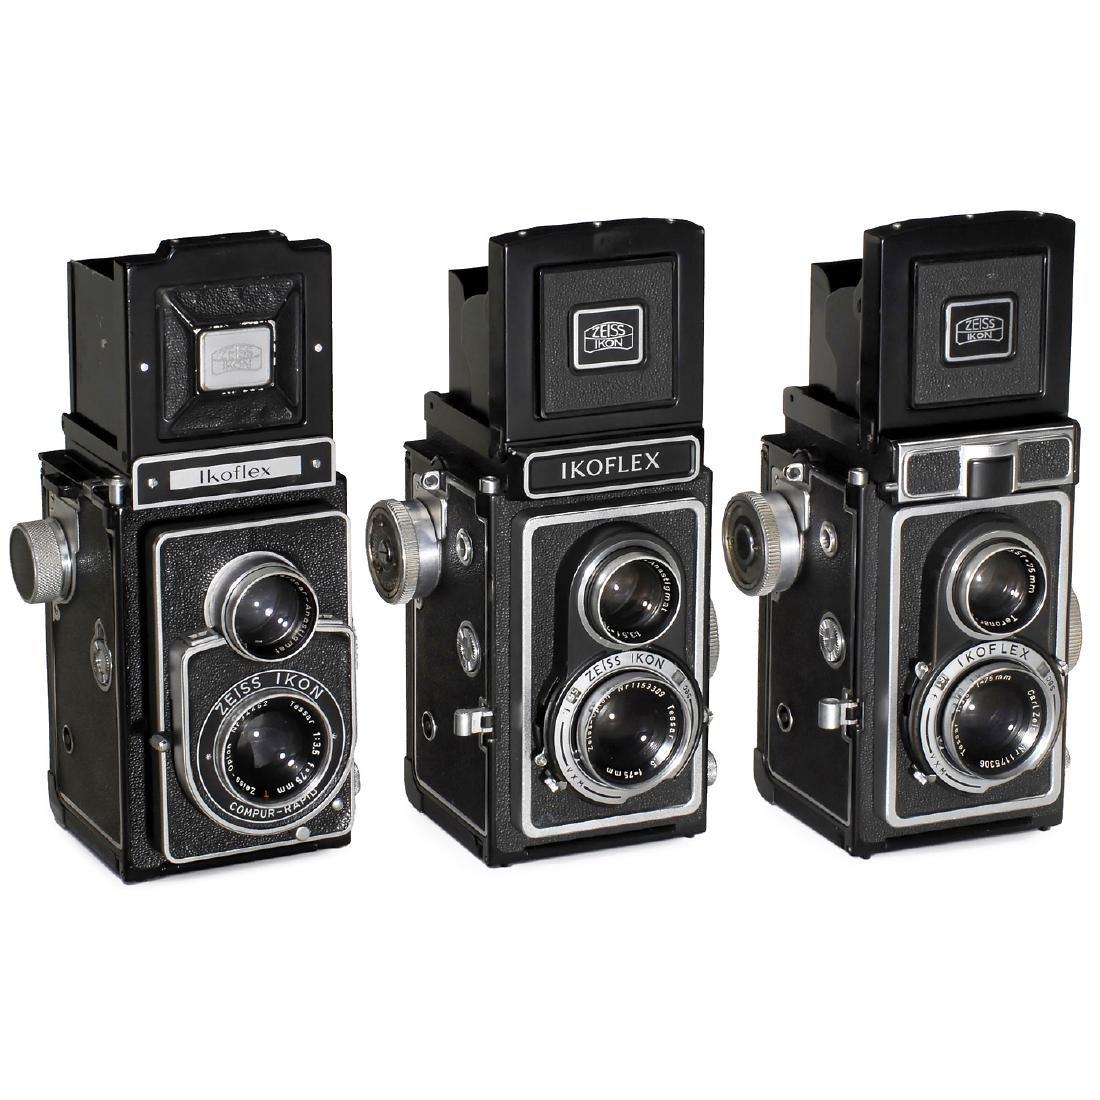 3 Zeiss Ikon TLR Cameras